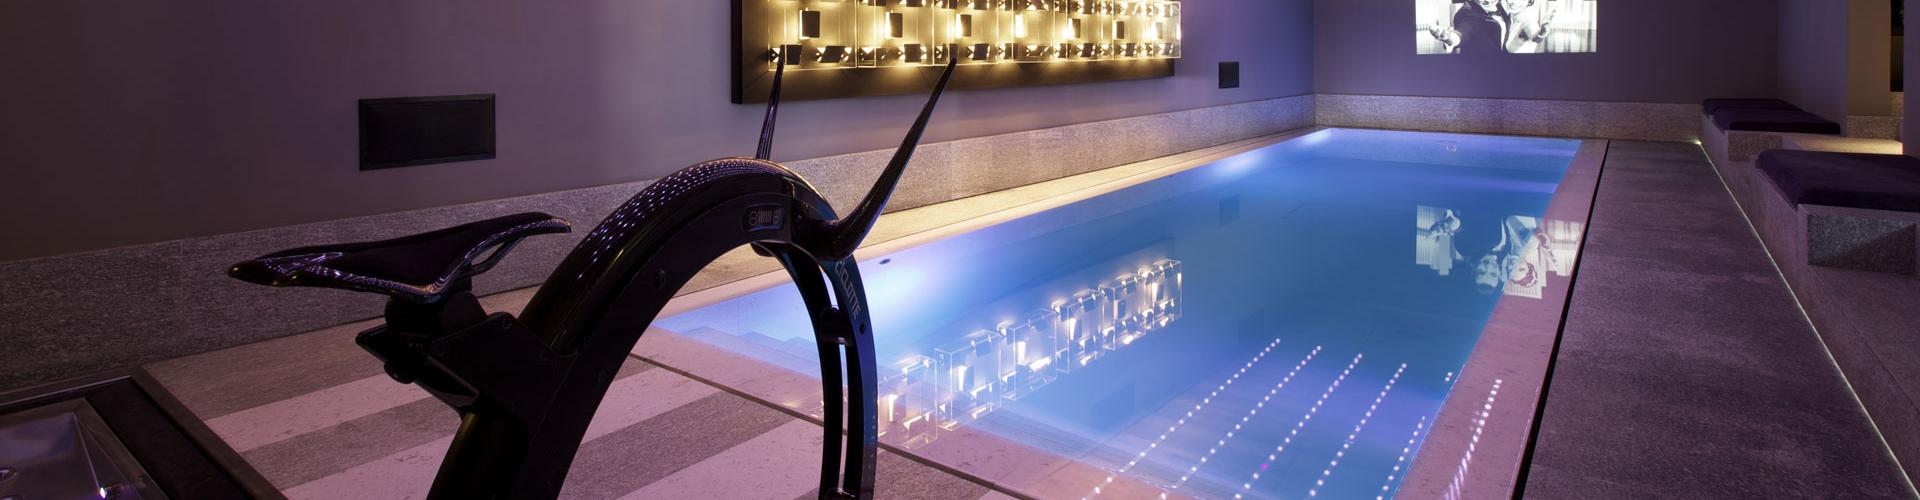 Faire Construire Une Piscine Intérieure constructeur de piscine intérieure | centerspas